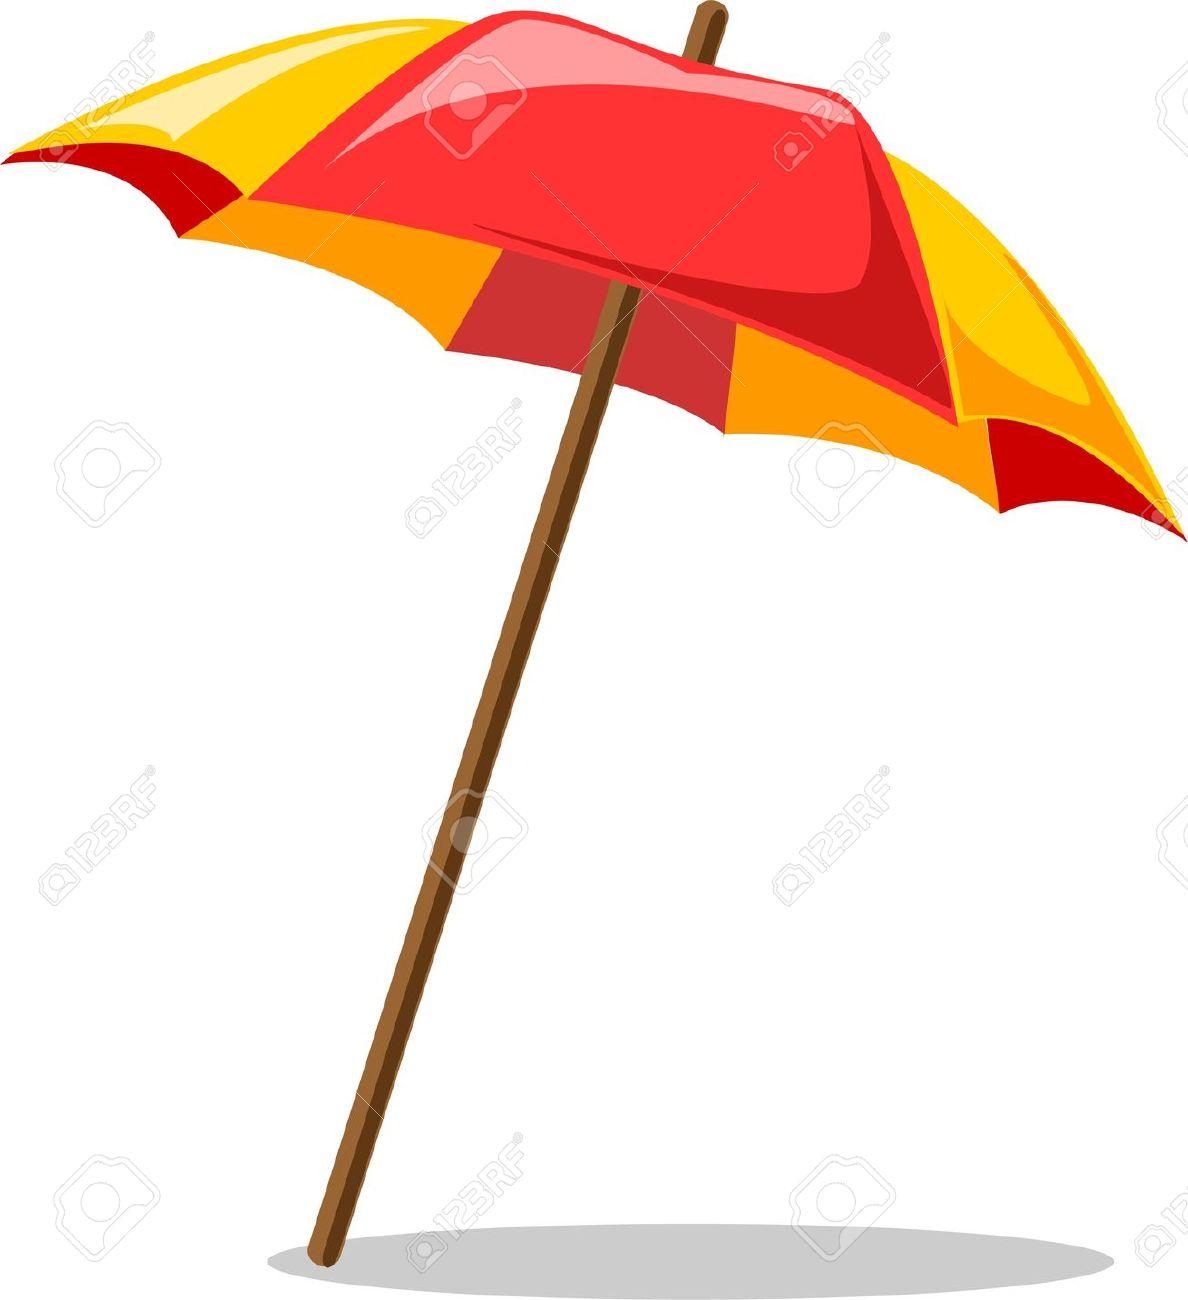 Sun umbrellas clipart clipground - Dessin parasol ...